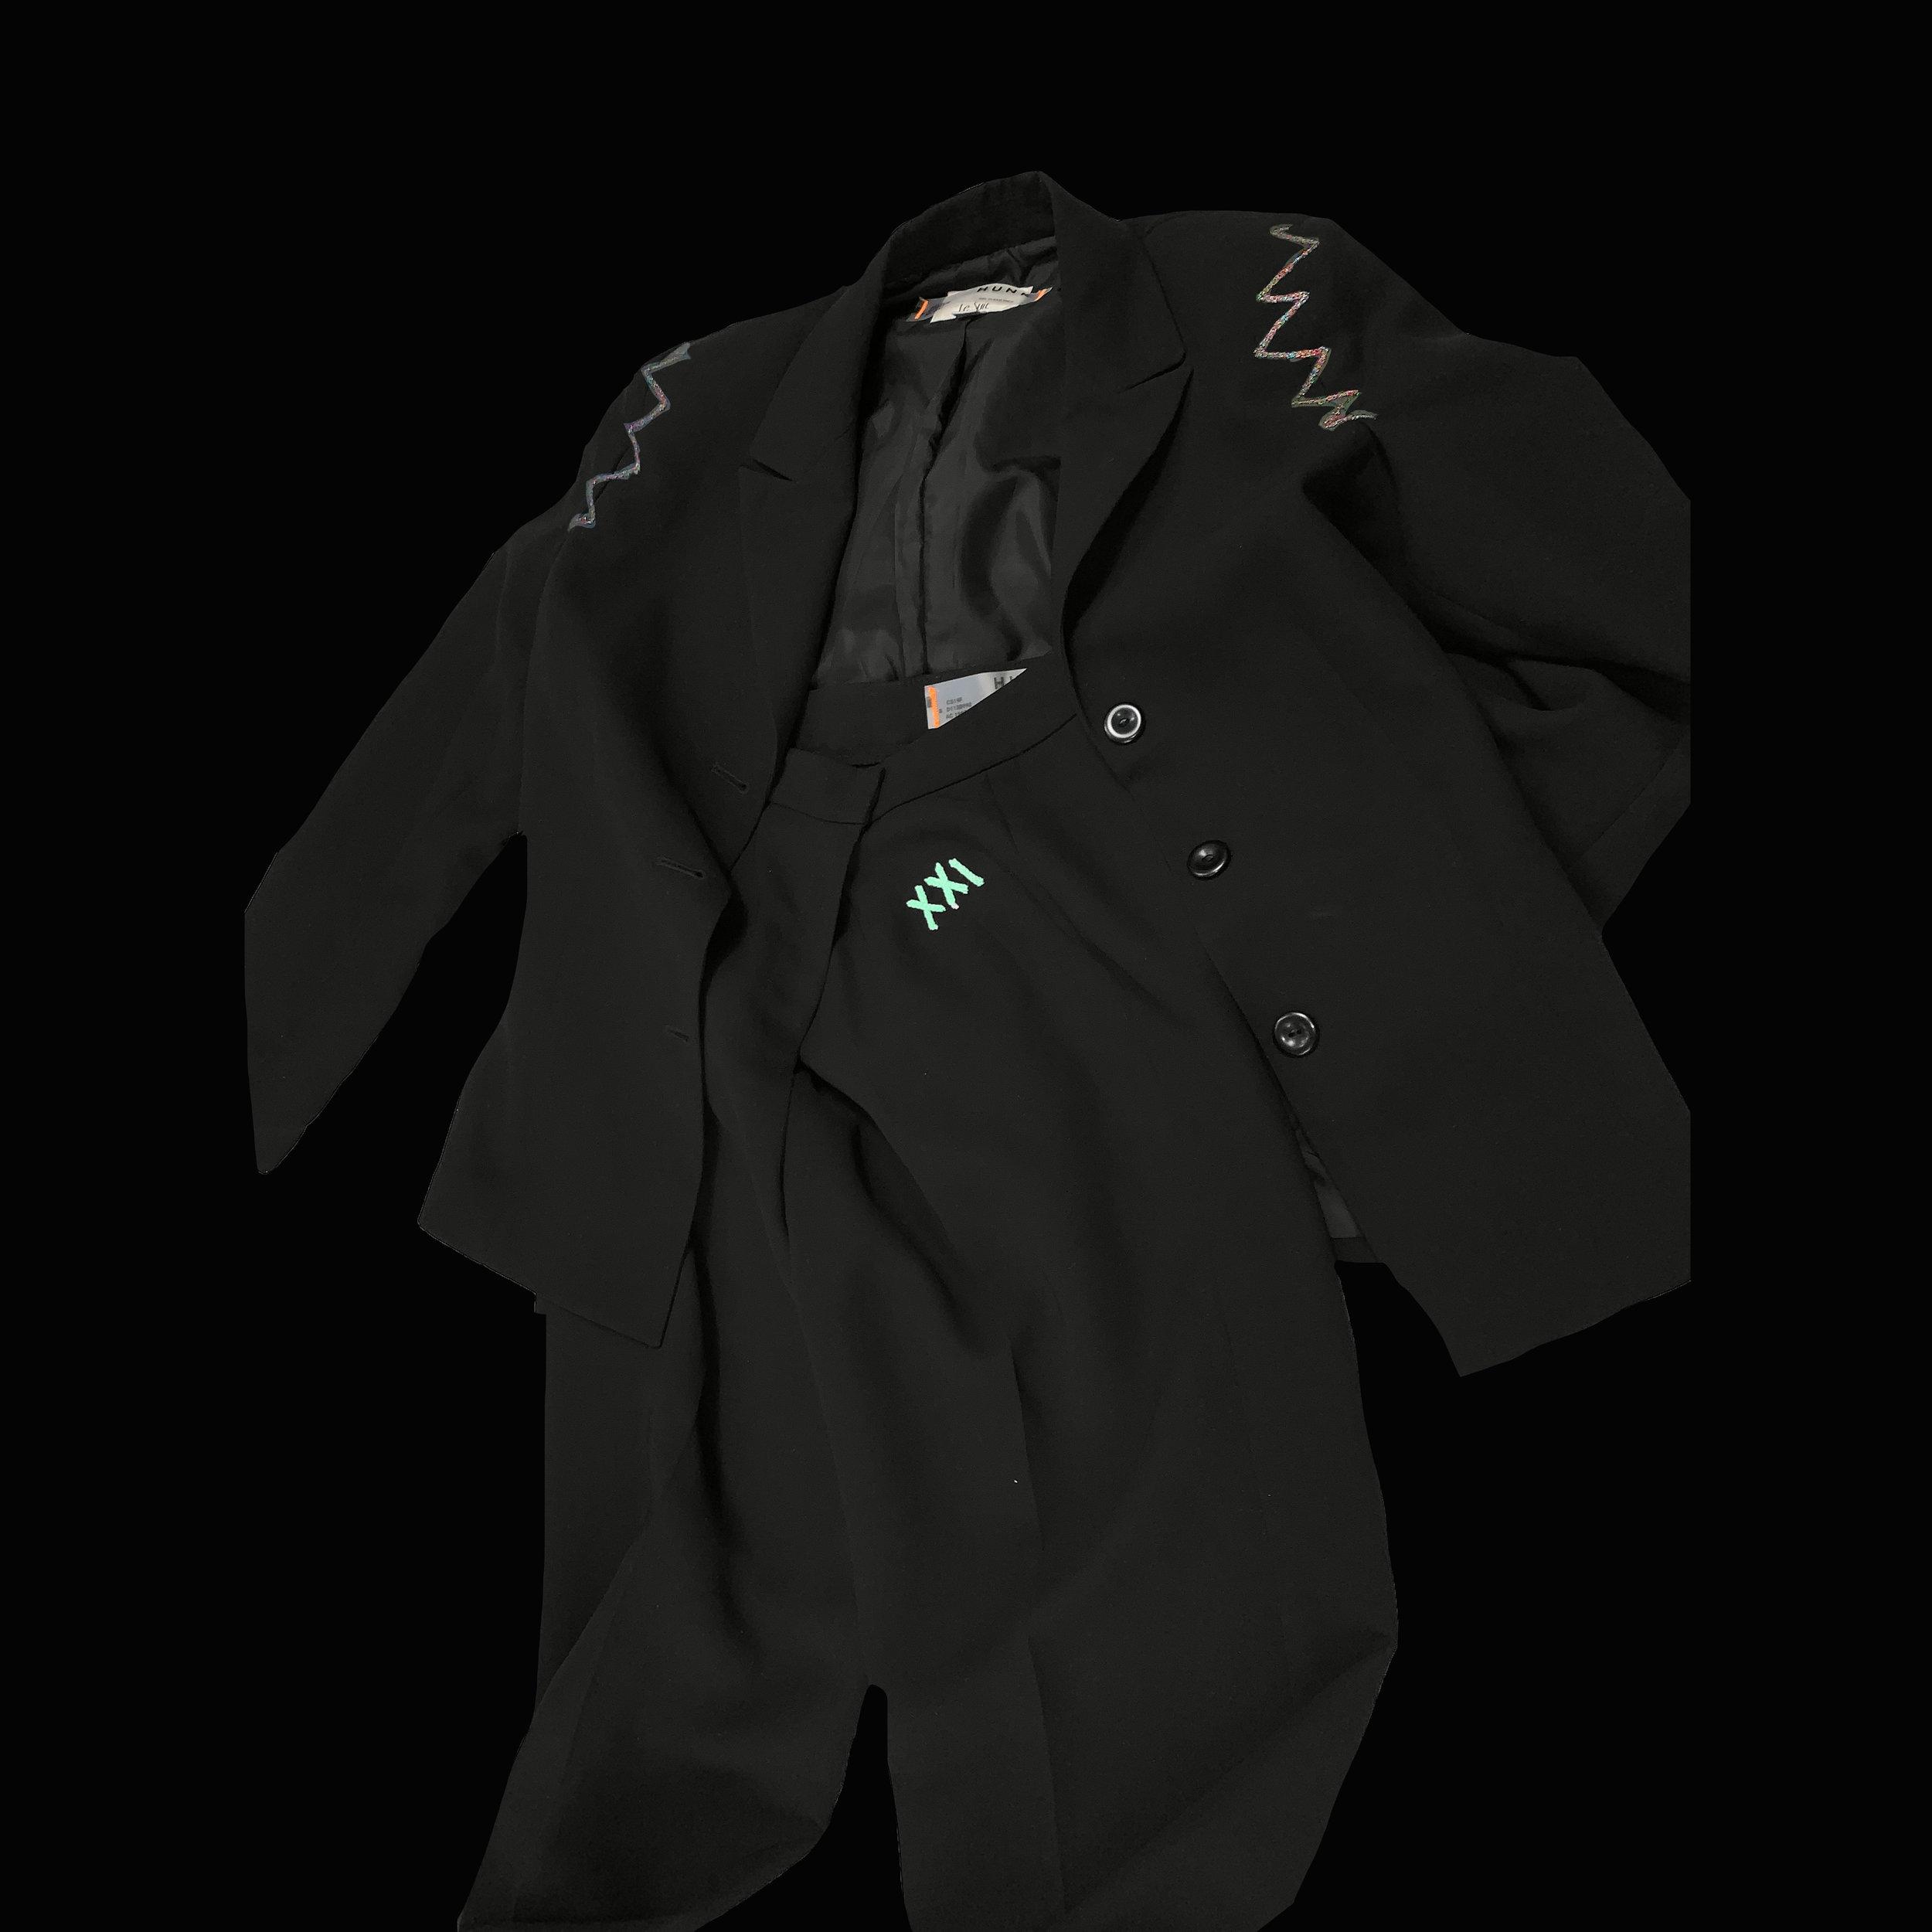 Full Suit 1 copy Squre copy Black.jpg